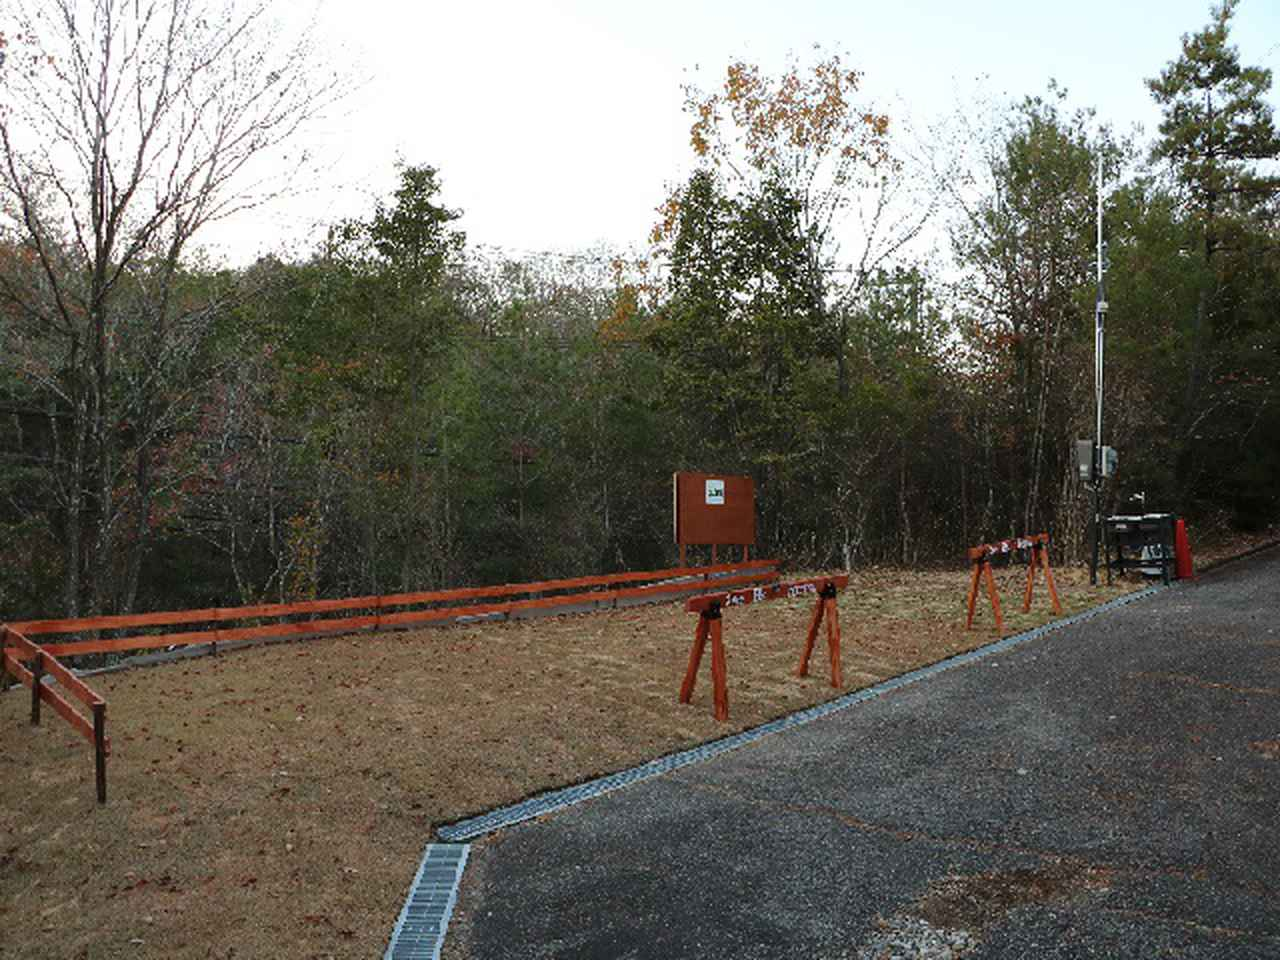 画像: RVパーク施設情報|RVパーク B'sForest(兵庫県)|くるま旅サイト